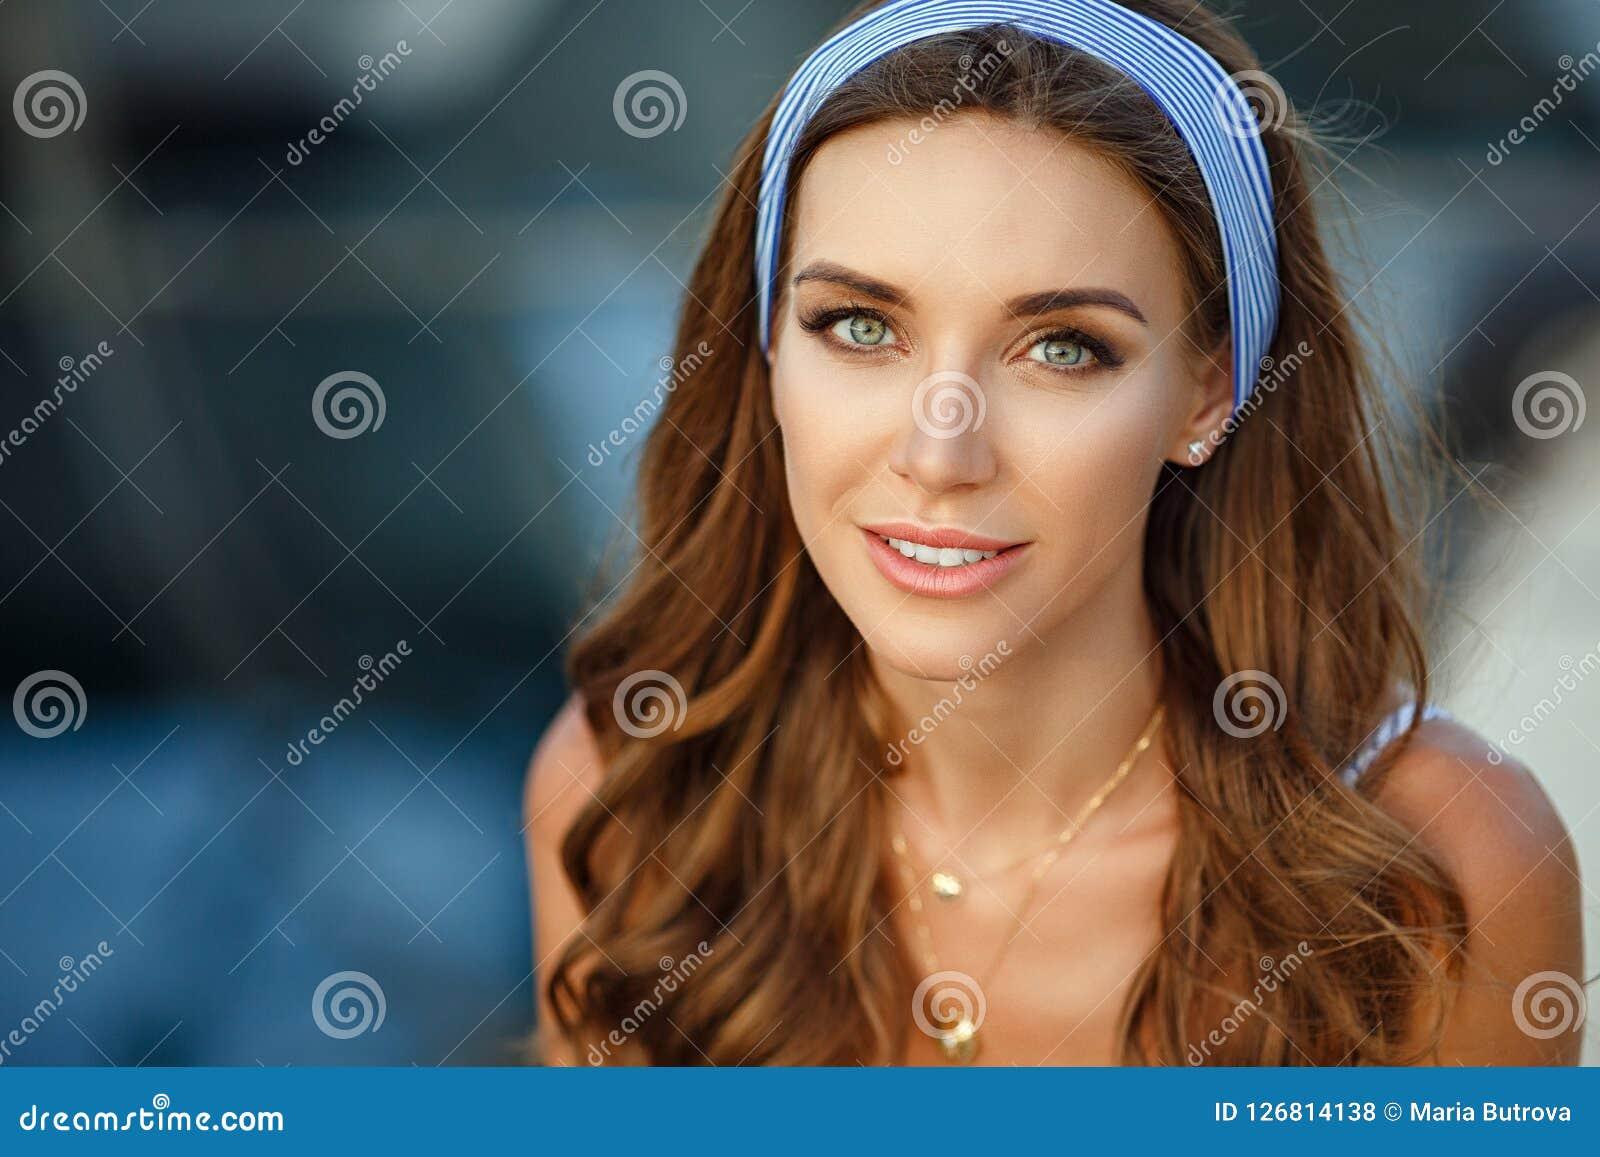 Retrato de uma menina sensual e  sexy  muito bonita em um estreptococo azul